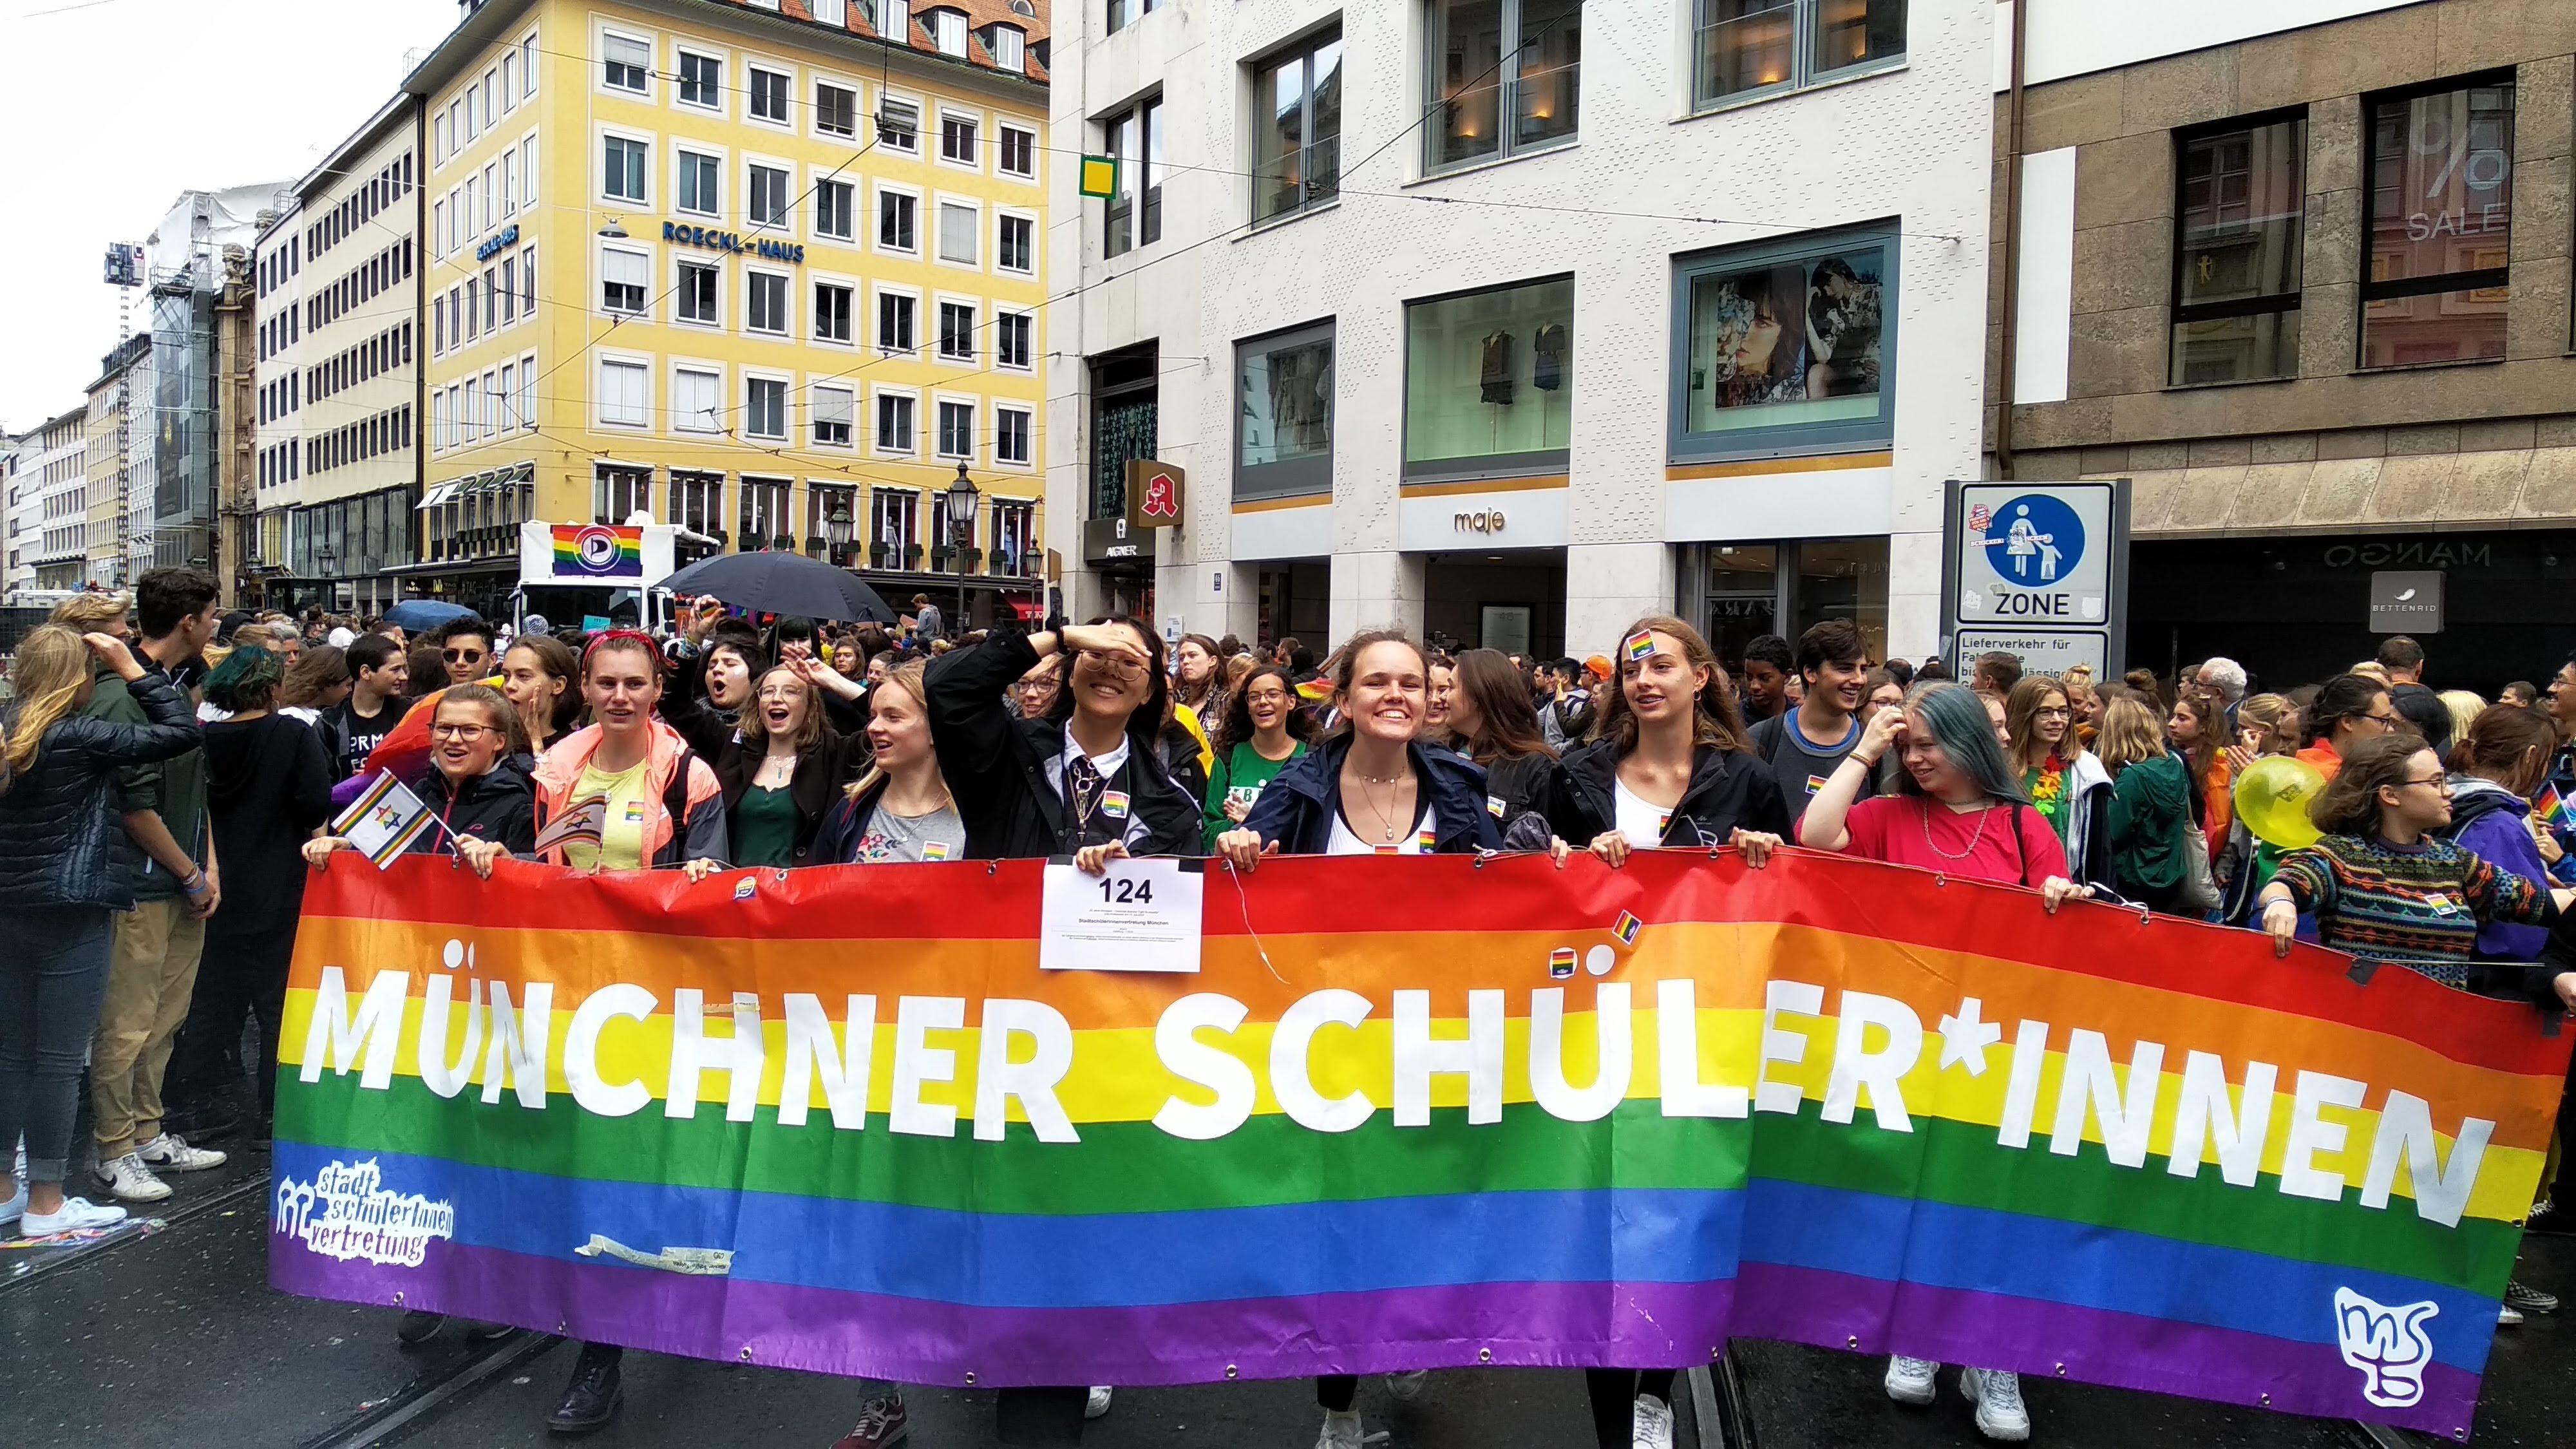 Münchner Schüler*innen auf dem CSD